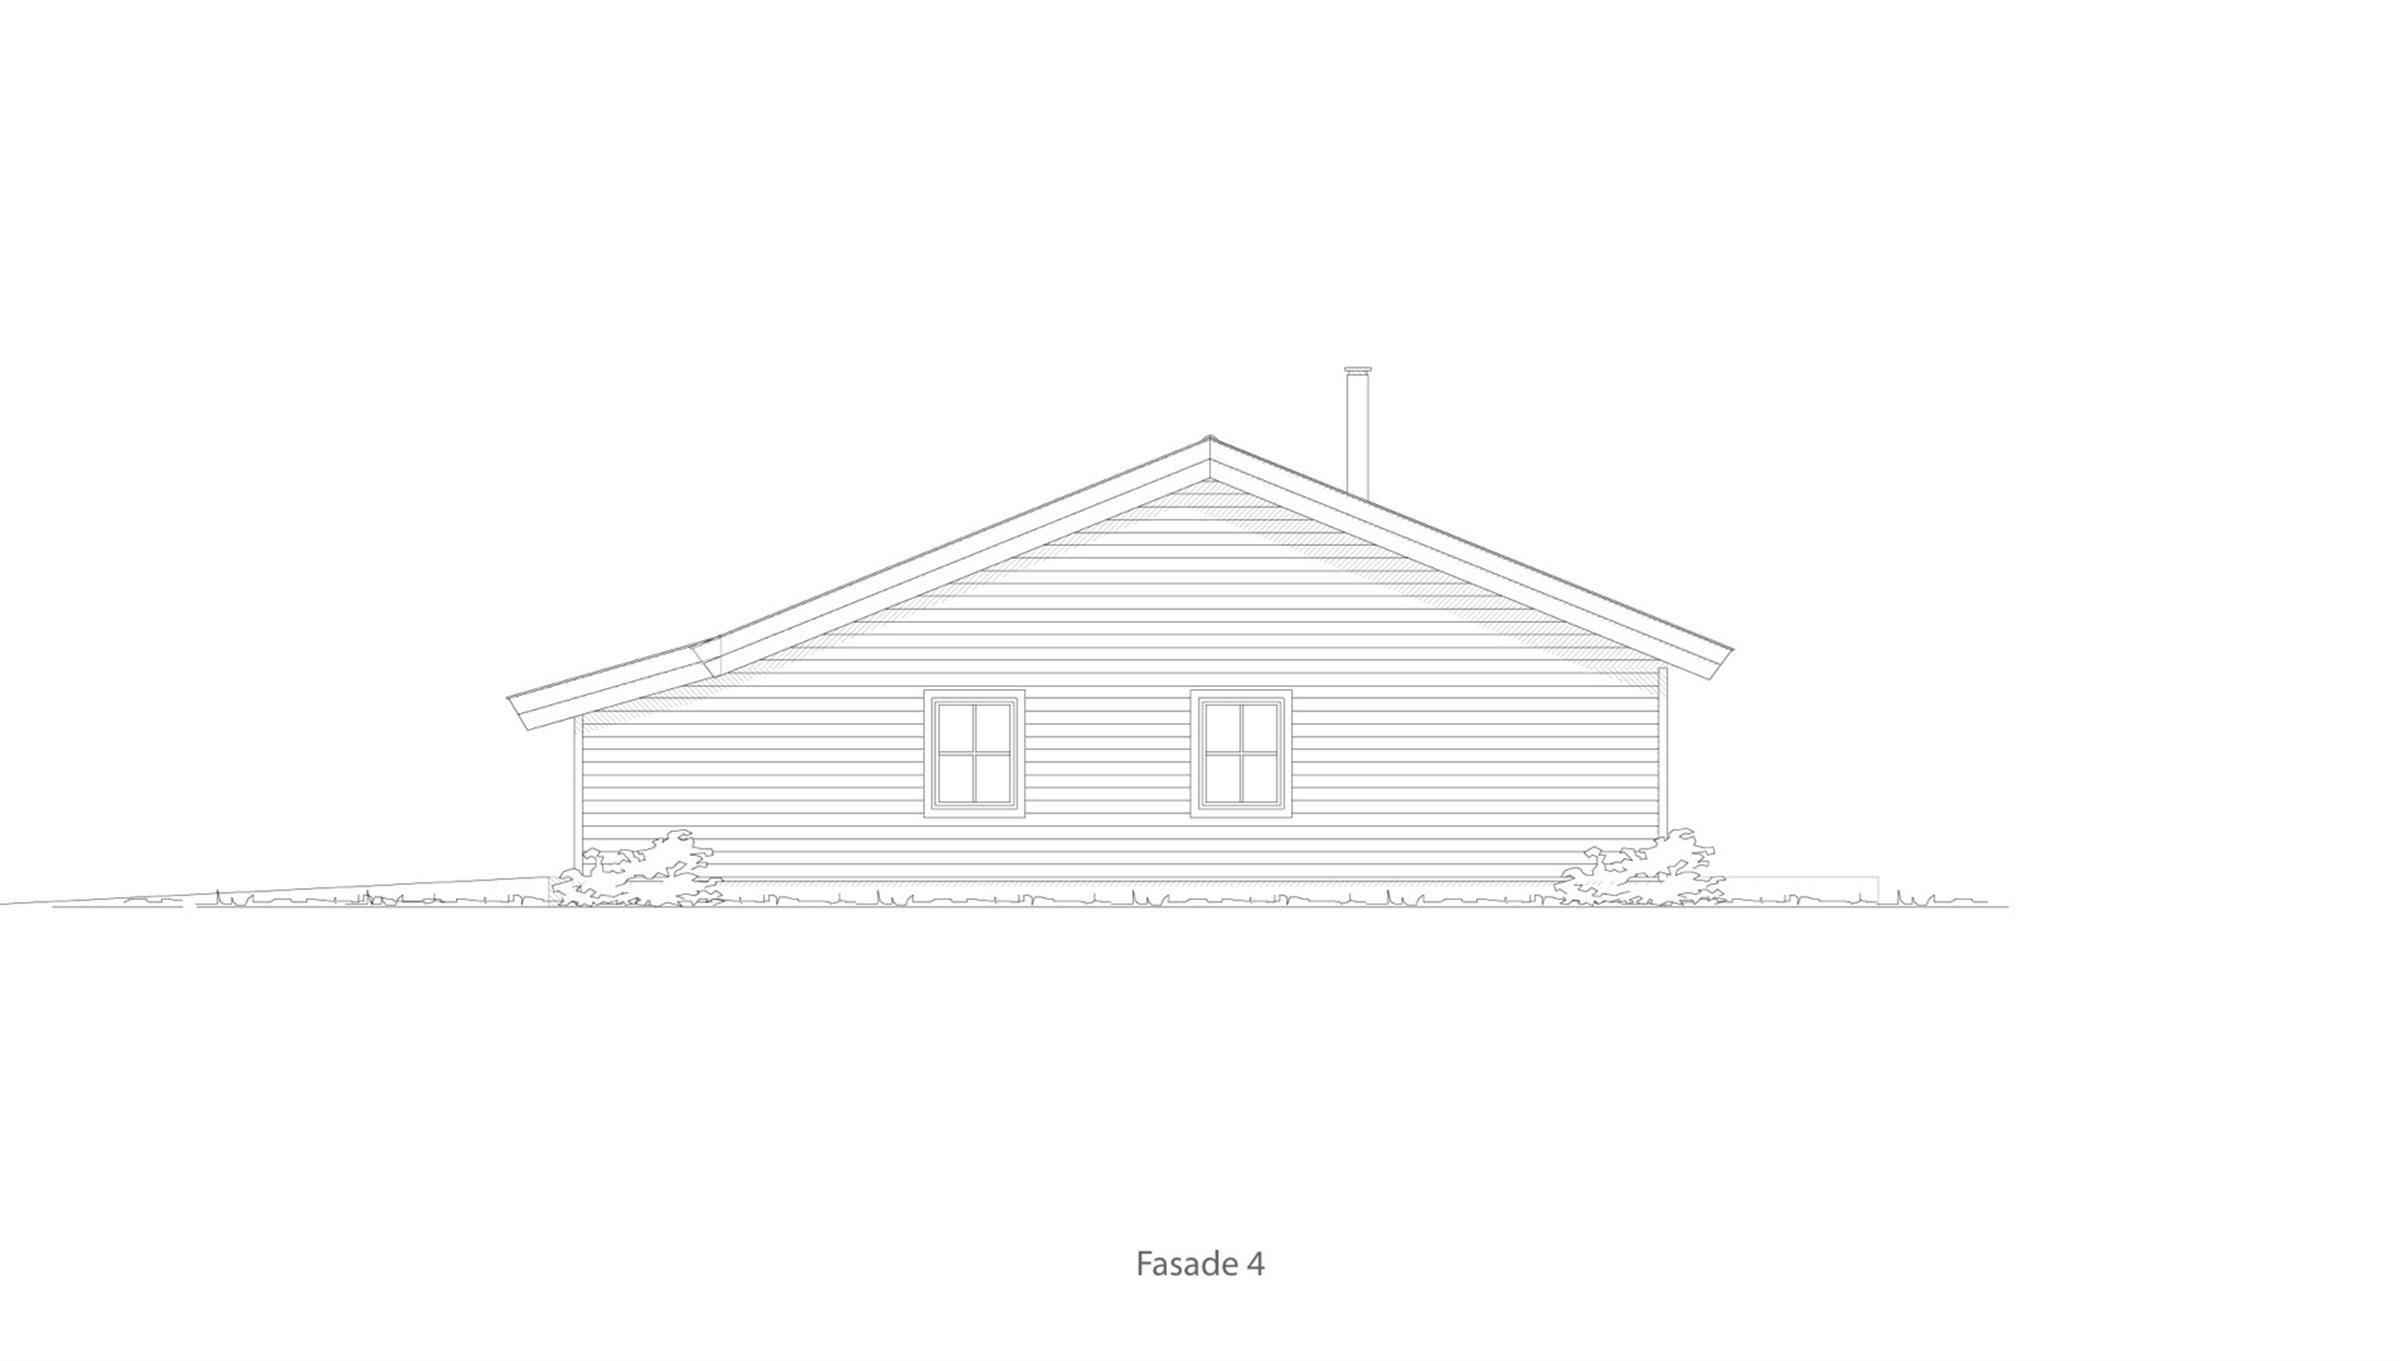 Førde fasade 4